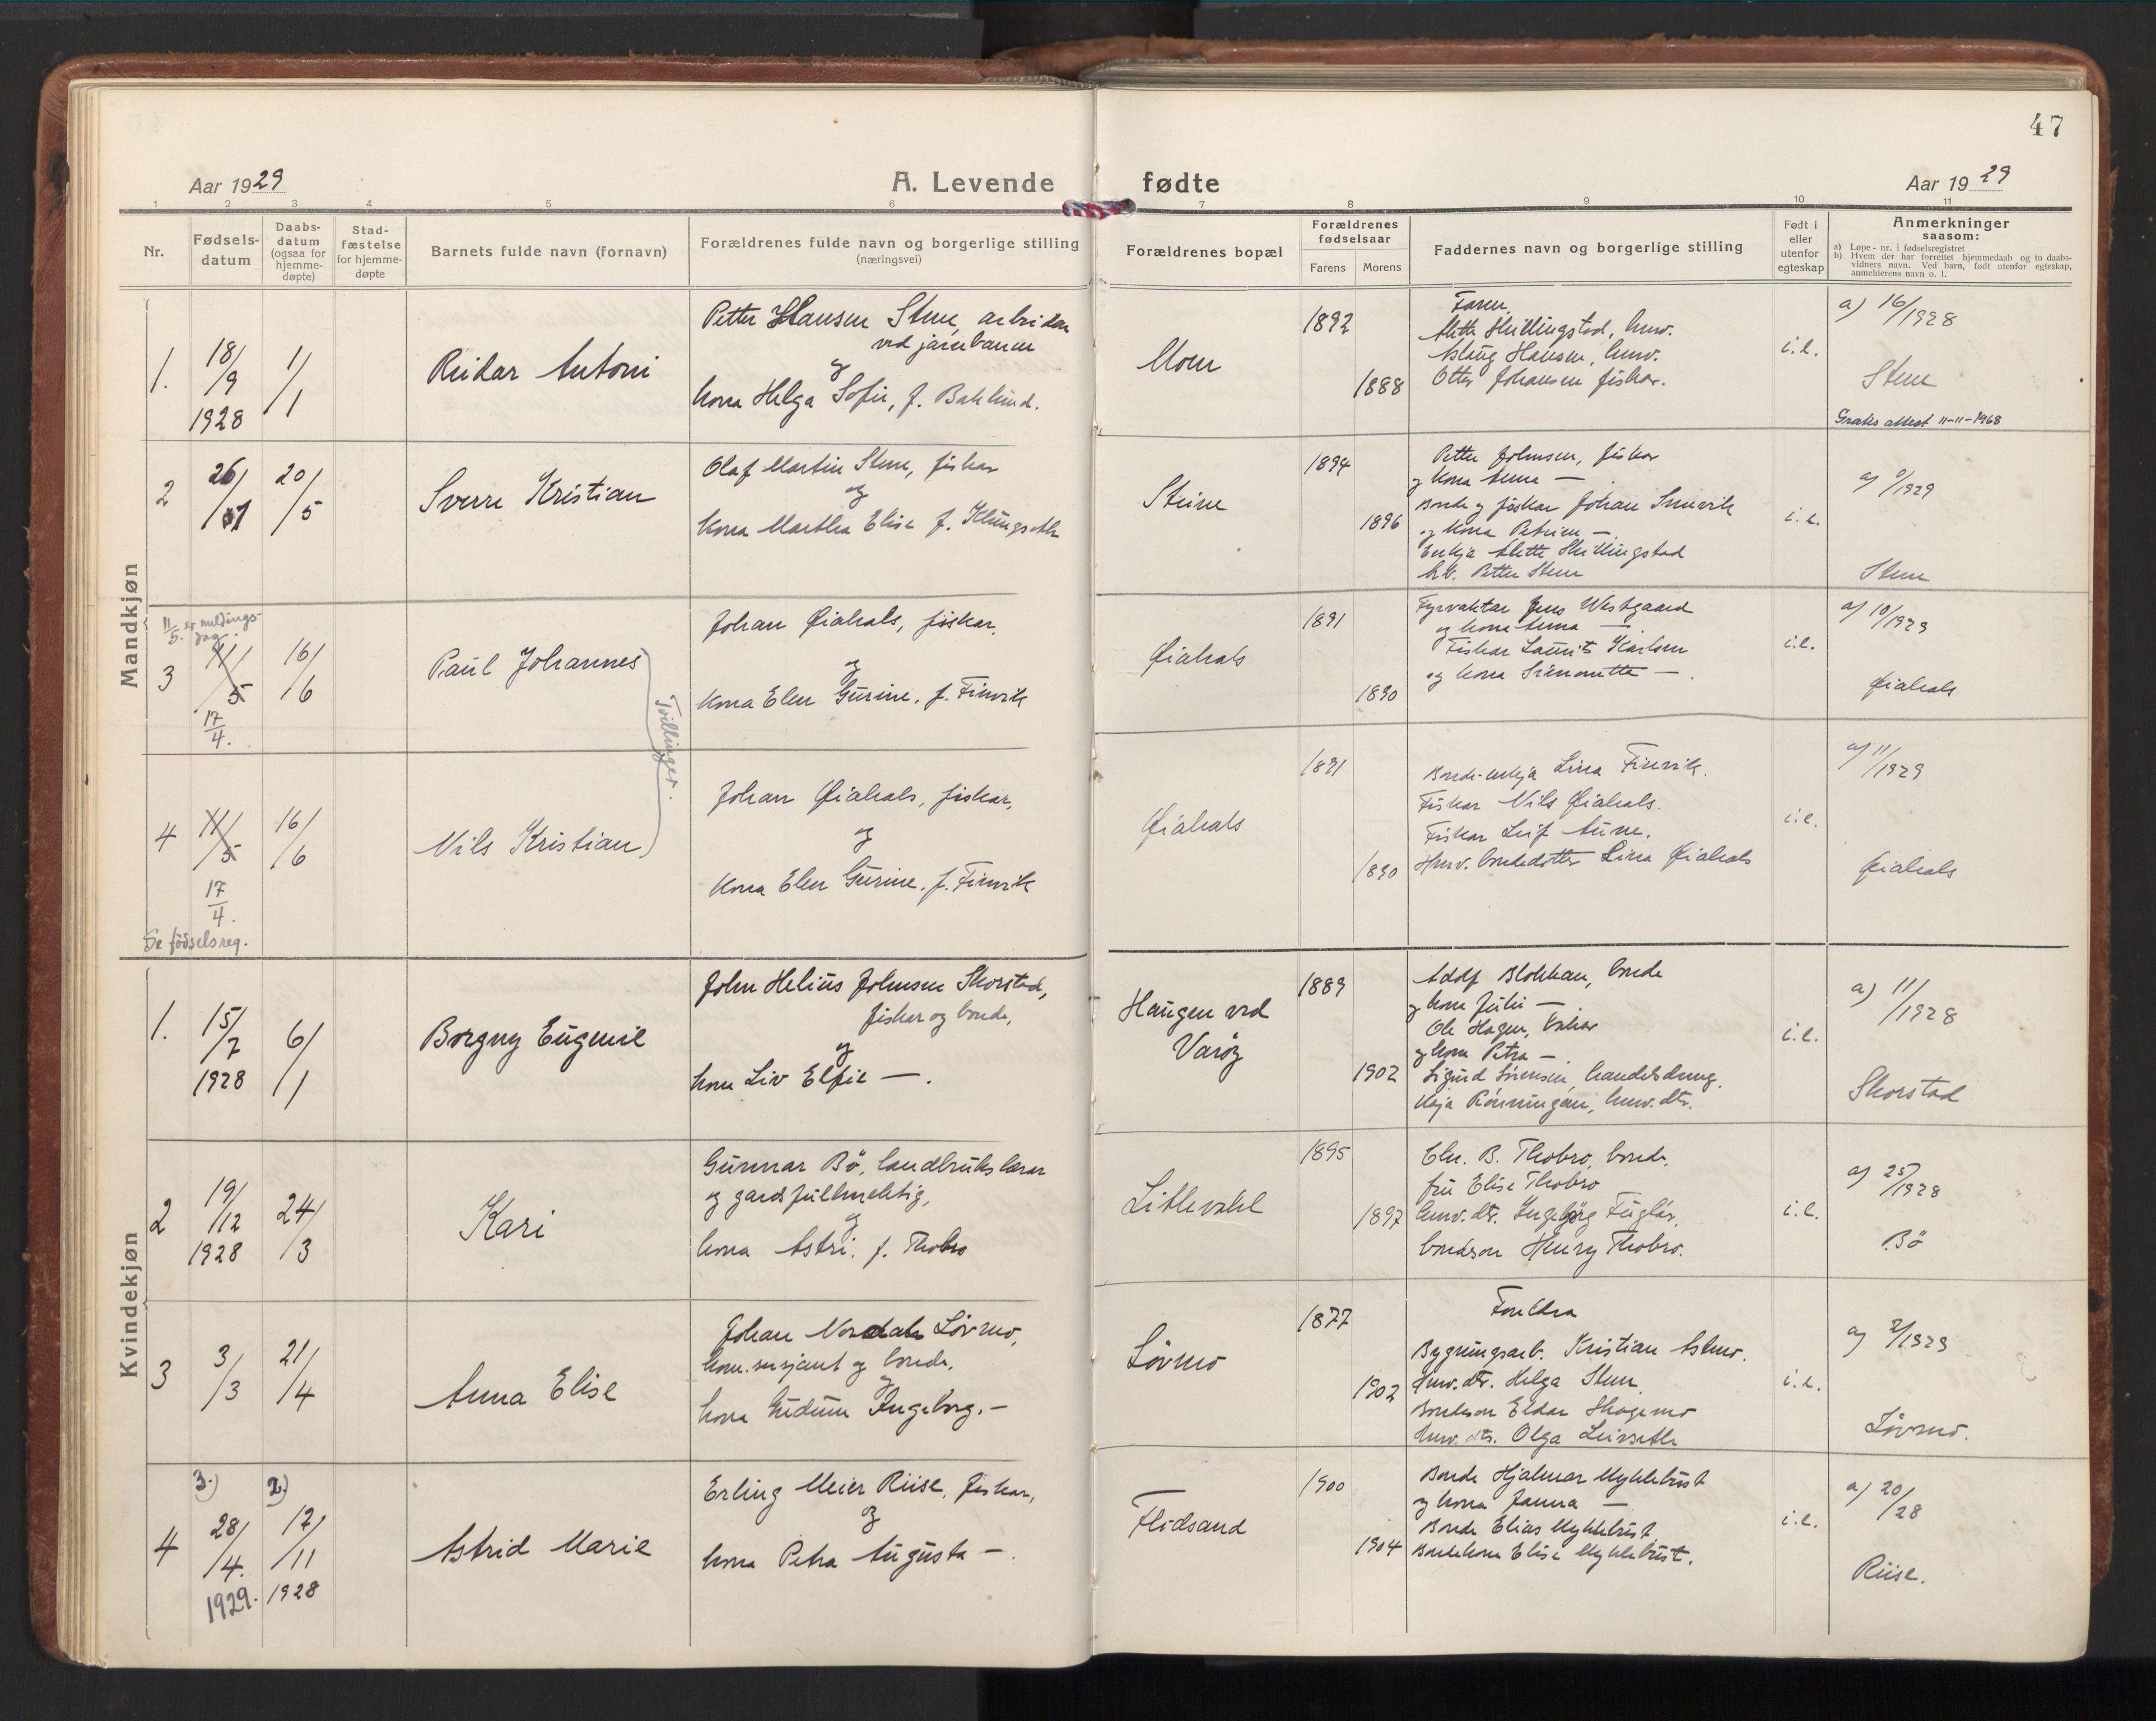 SAT, Ministerialprotokoller, klokkerbøker og fødselsregistre - Nord-Trøndelag, 784/L0678: Ministerialbok nr. 784A13, 1921-1938, s. 47